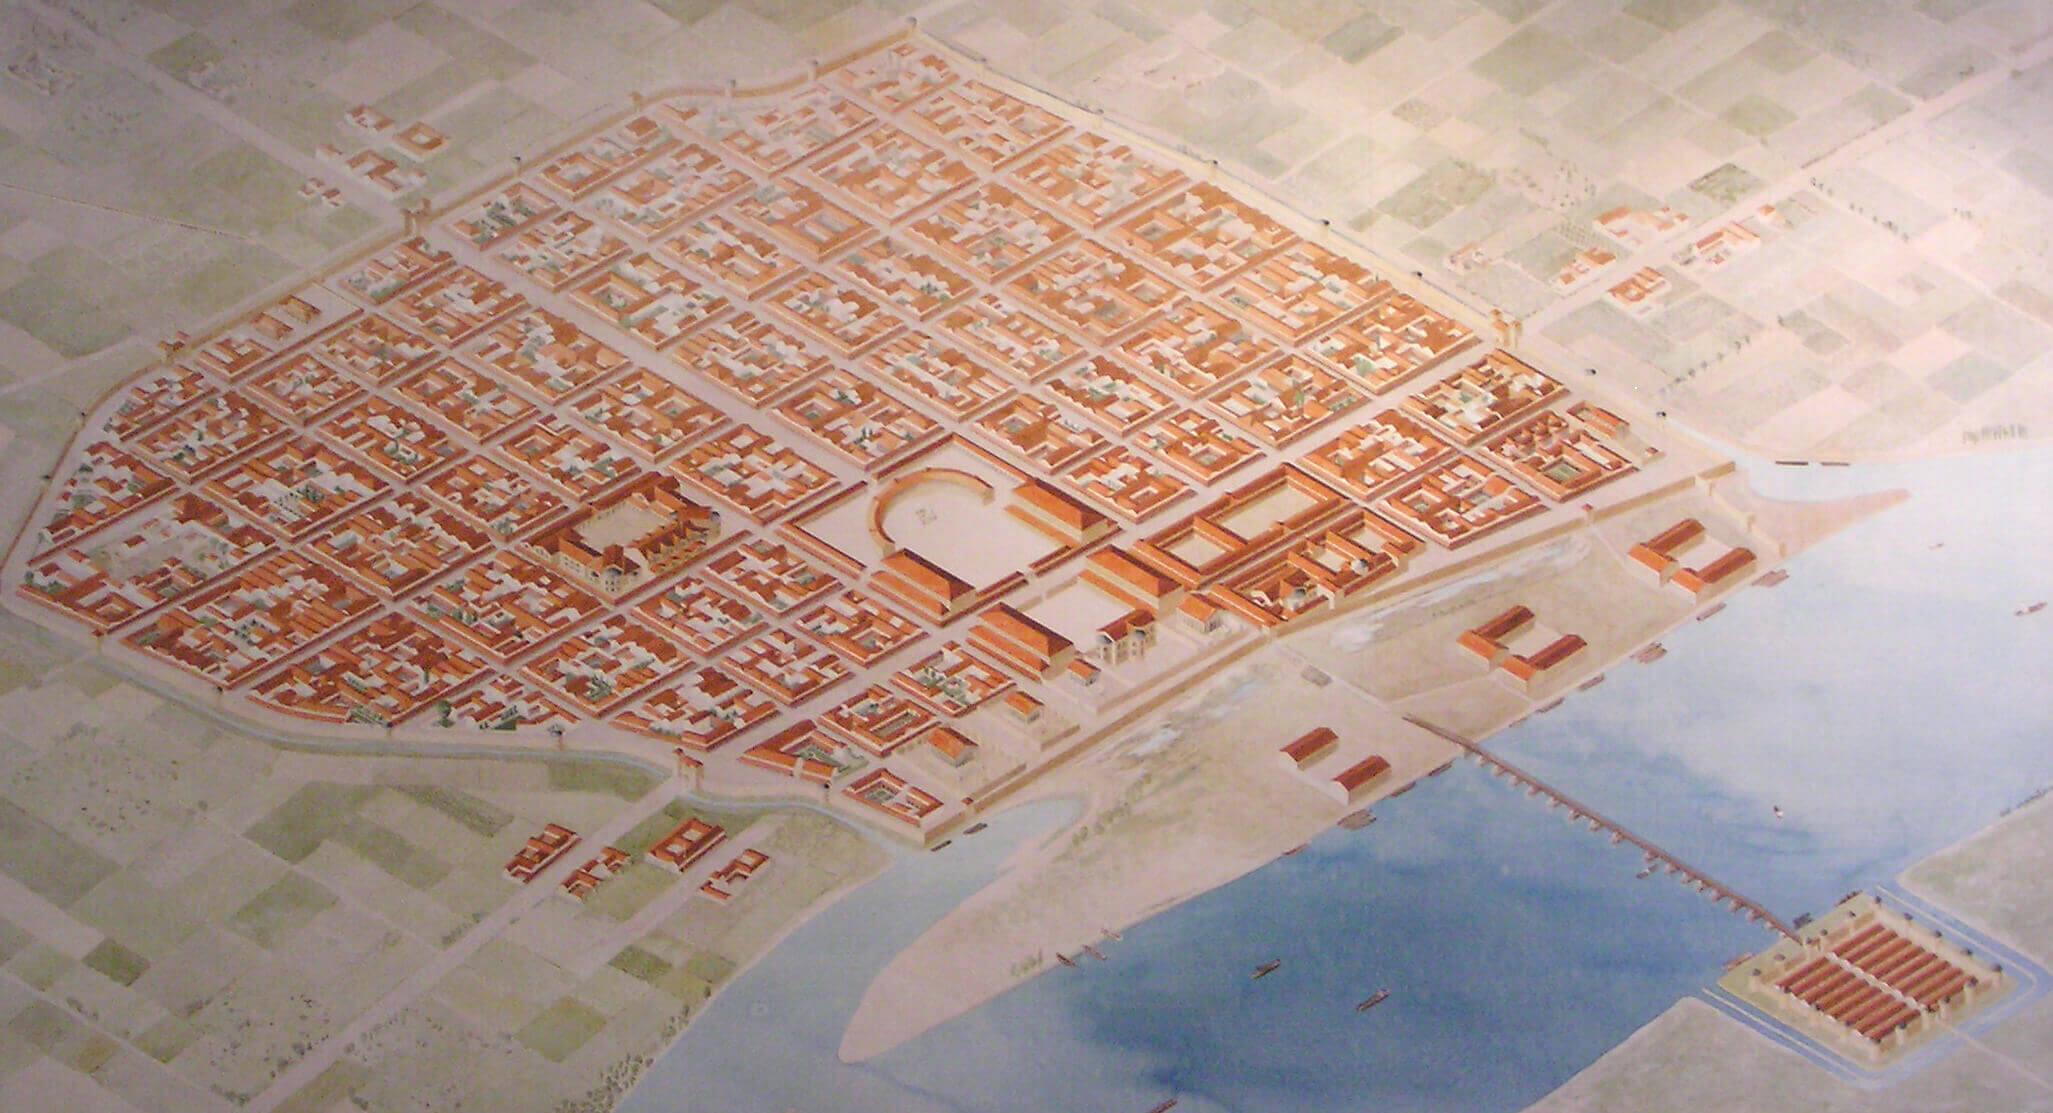 Karte und Stadtplan zum römischen Köln